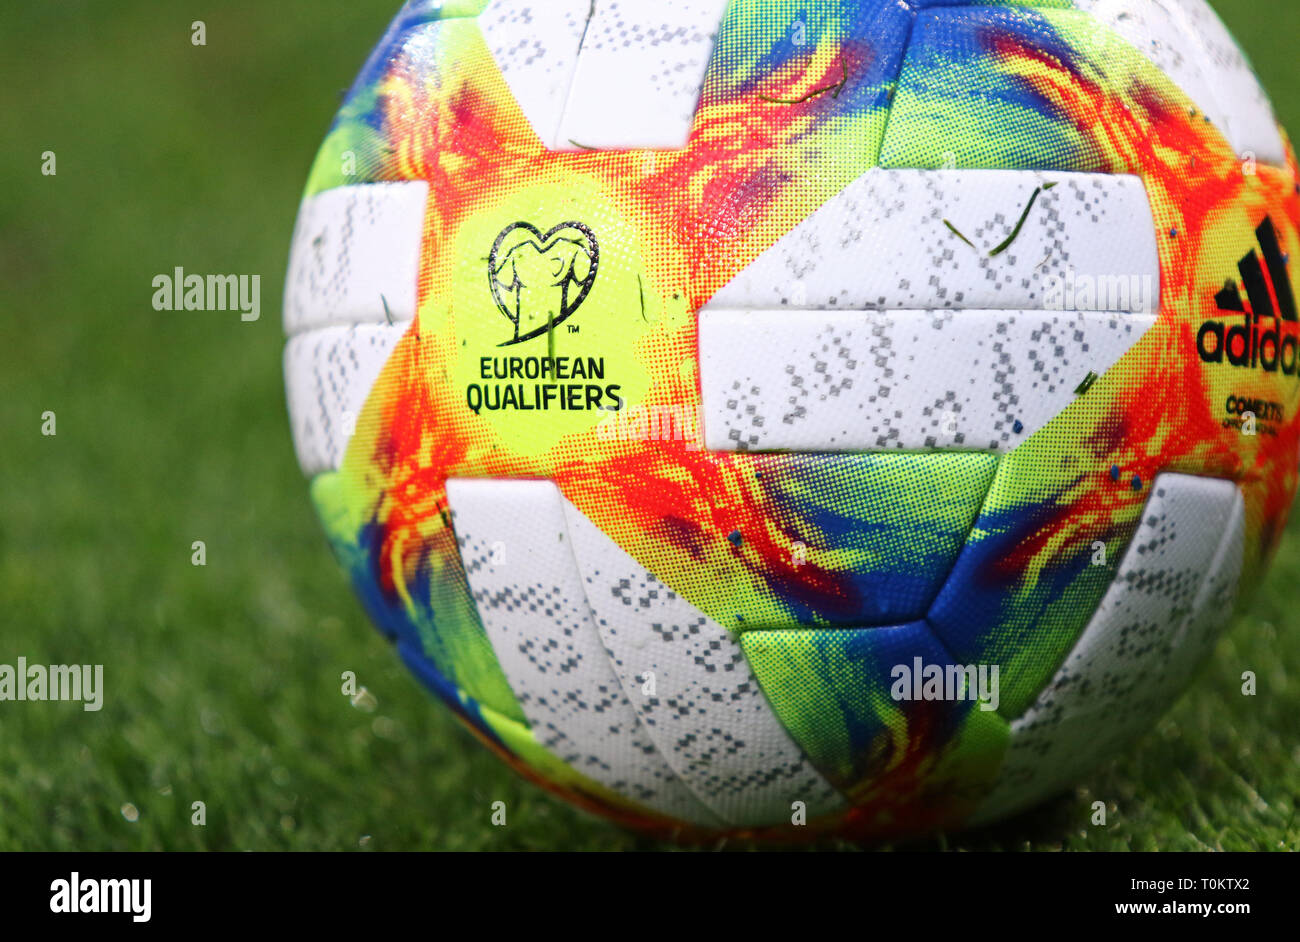 Kiew, Ukraine MÄRZ 18, 2019: Offizielle UEFA EURO 2020